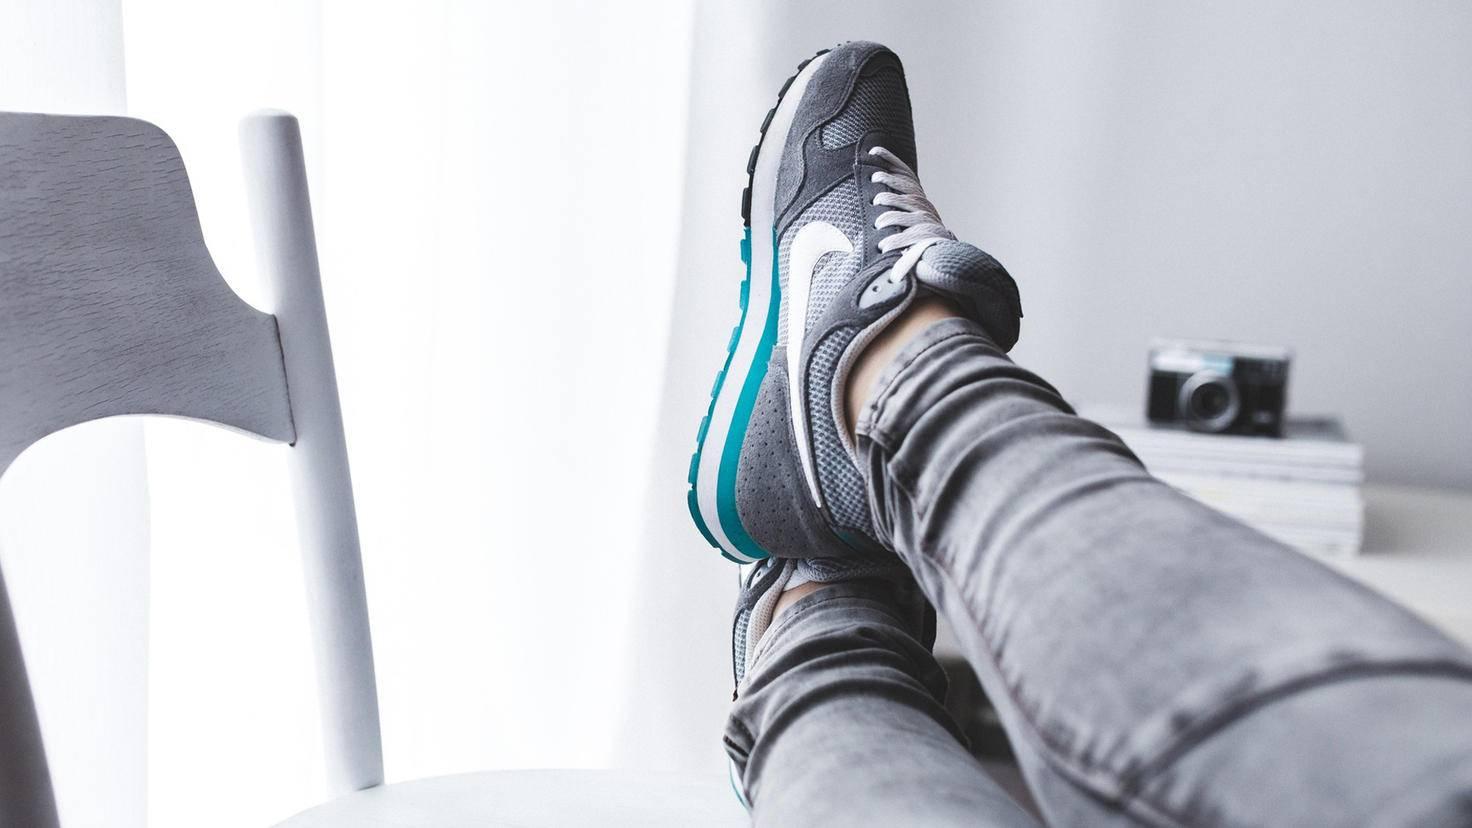 Füßehochlegen ist an Rest Days ausdrücklich erlaubt.